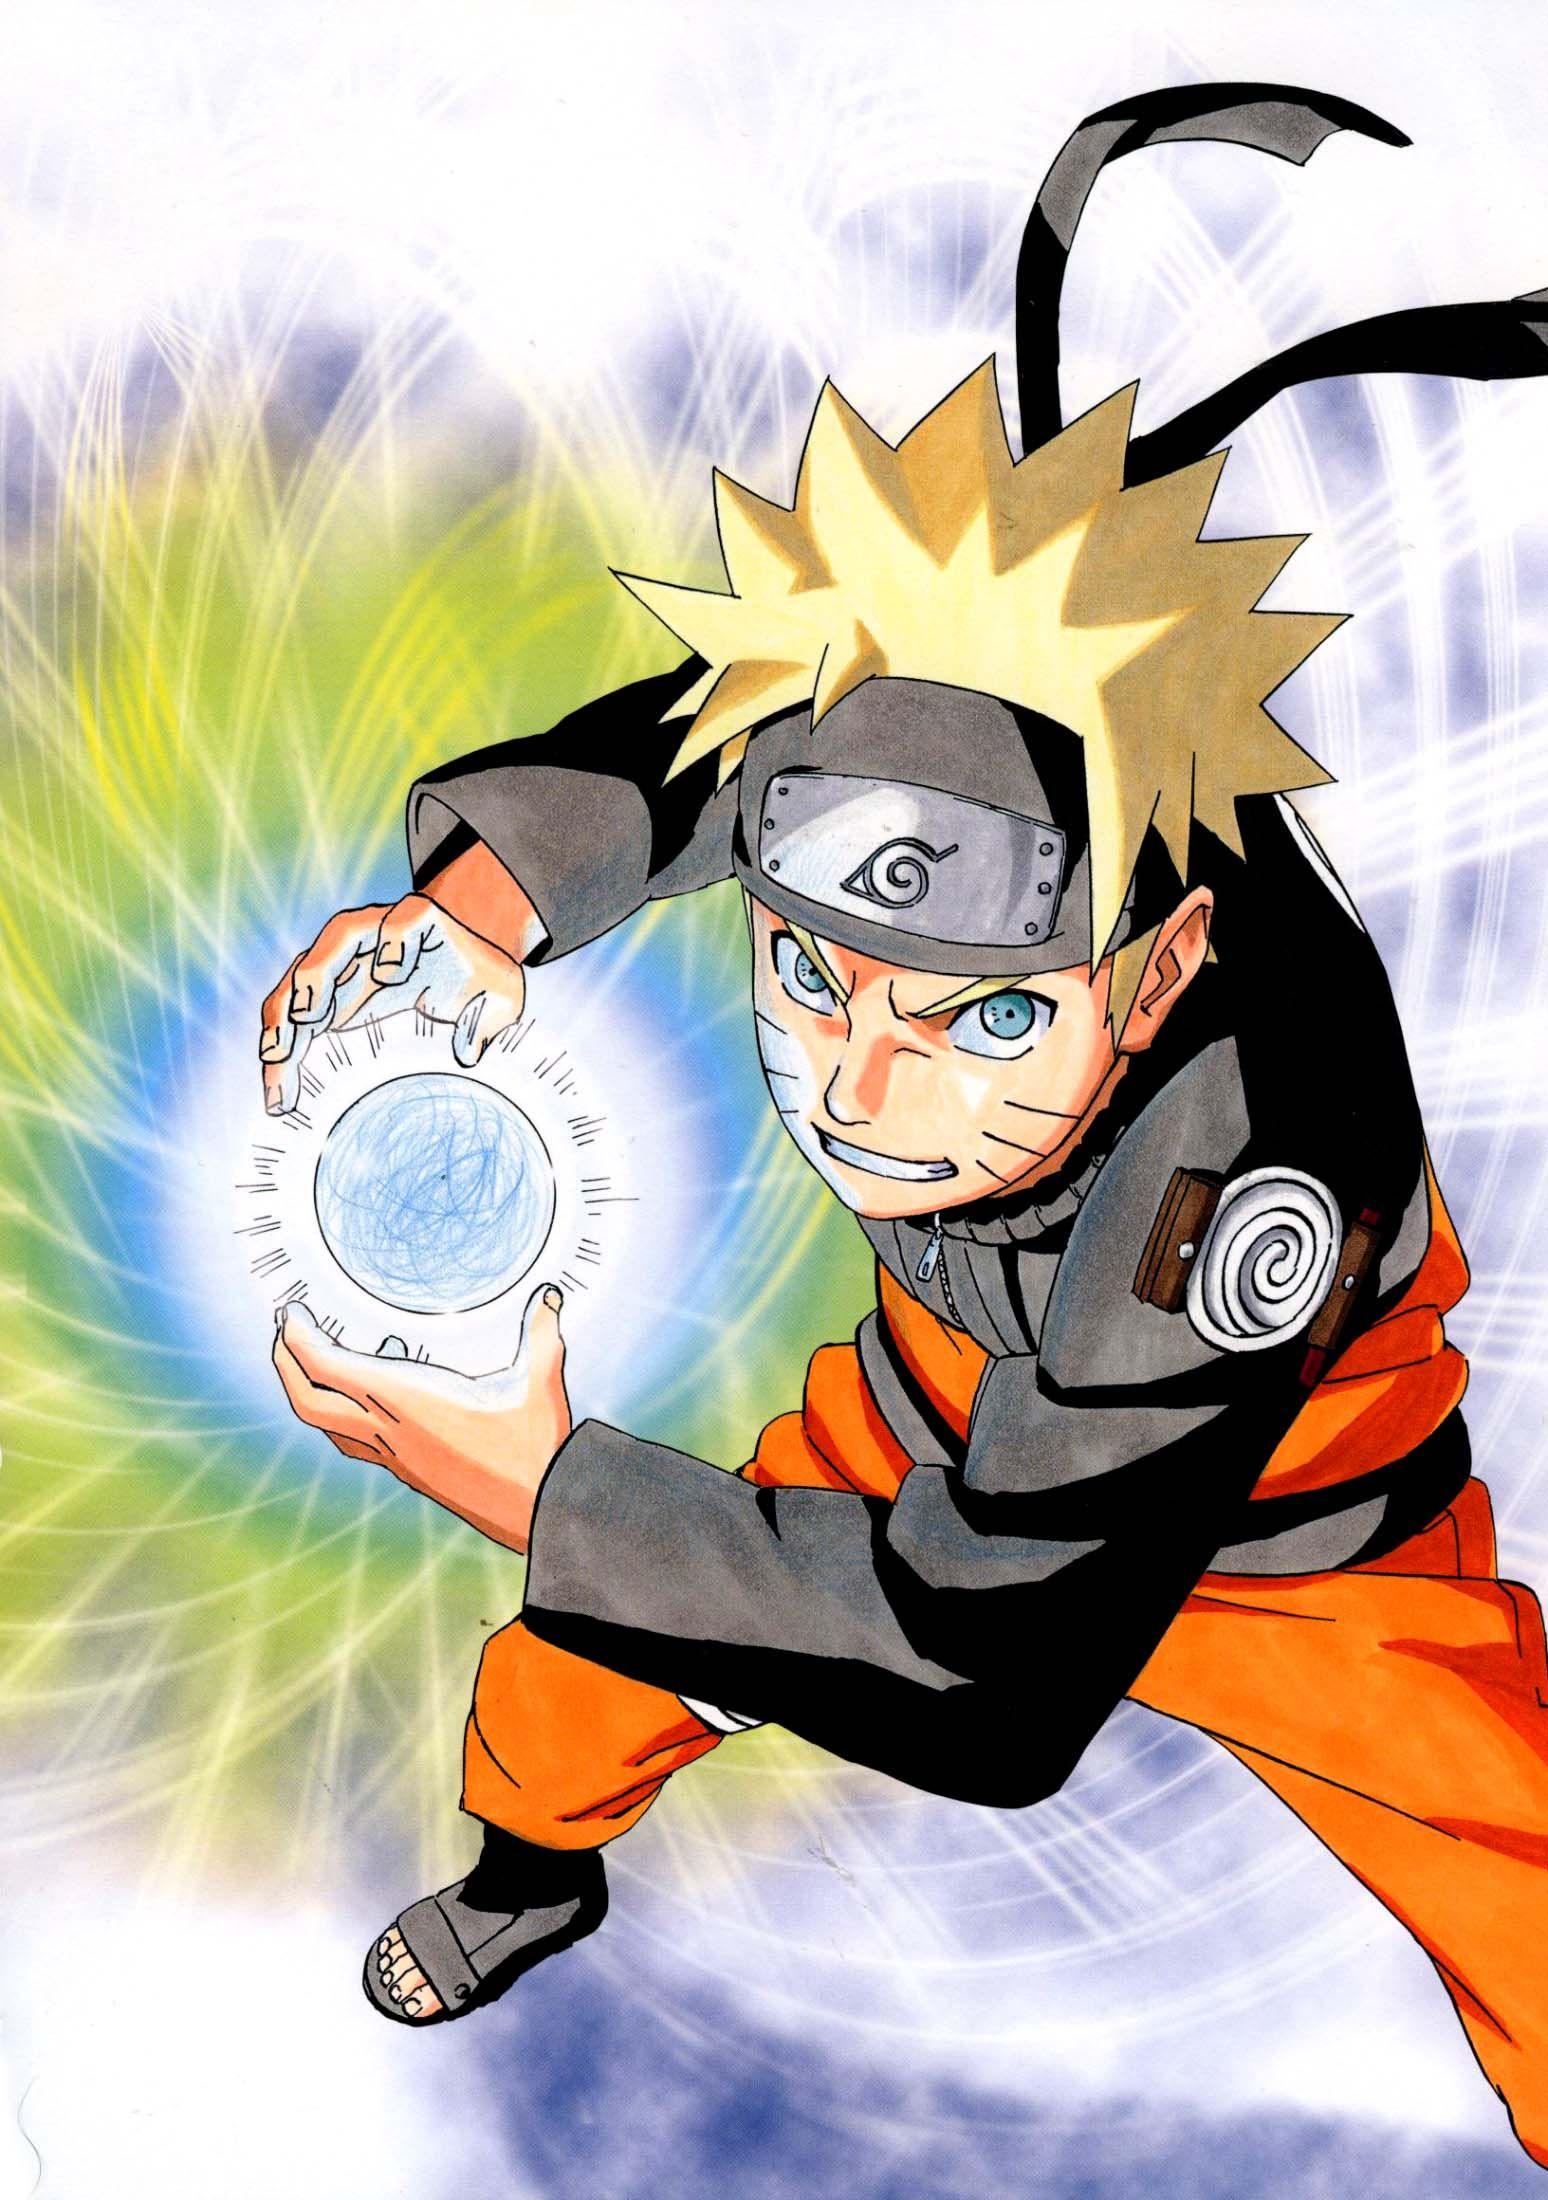 Naruto shippuden scan couleur recherche google - Naruto dessin couleur ...